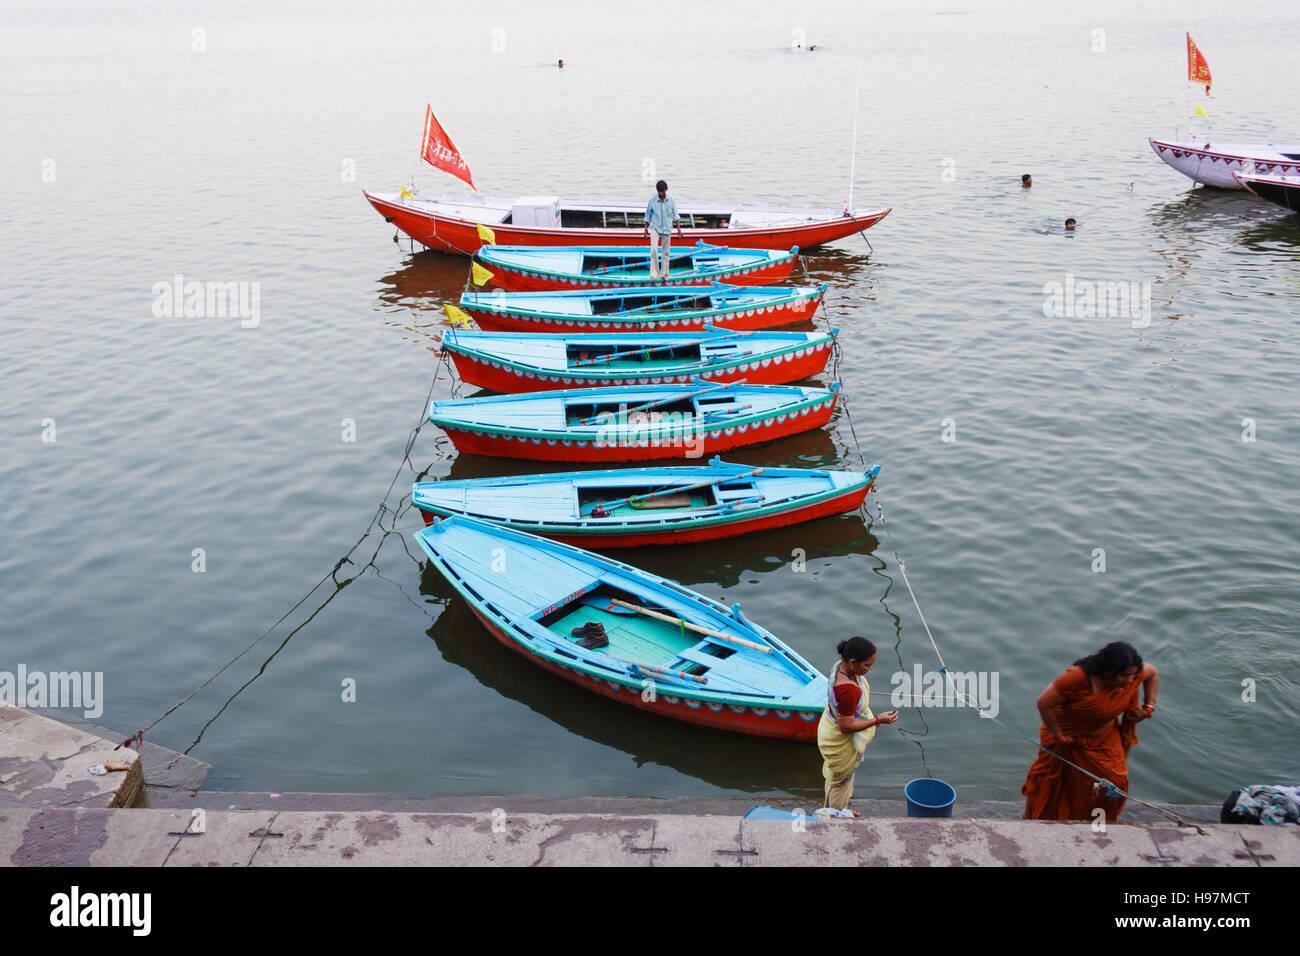 Bateaux amarrés bleu sur Ganges river à Varanasi, Uttar Pradesh, Inde, Asie Photo Stock